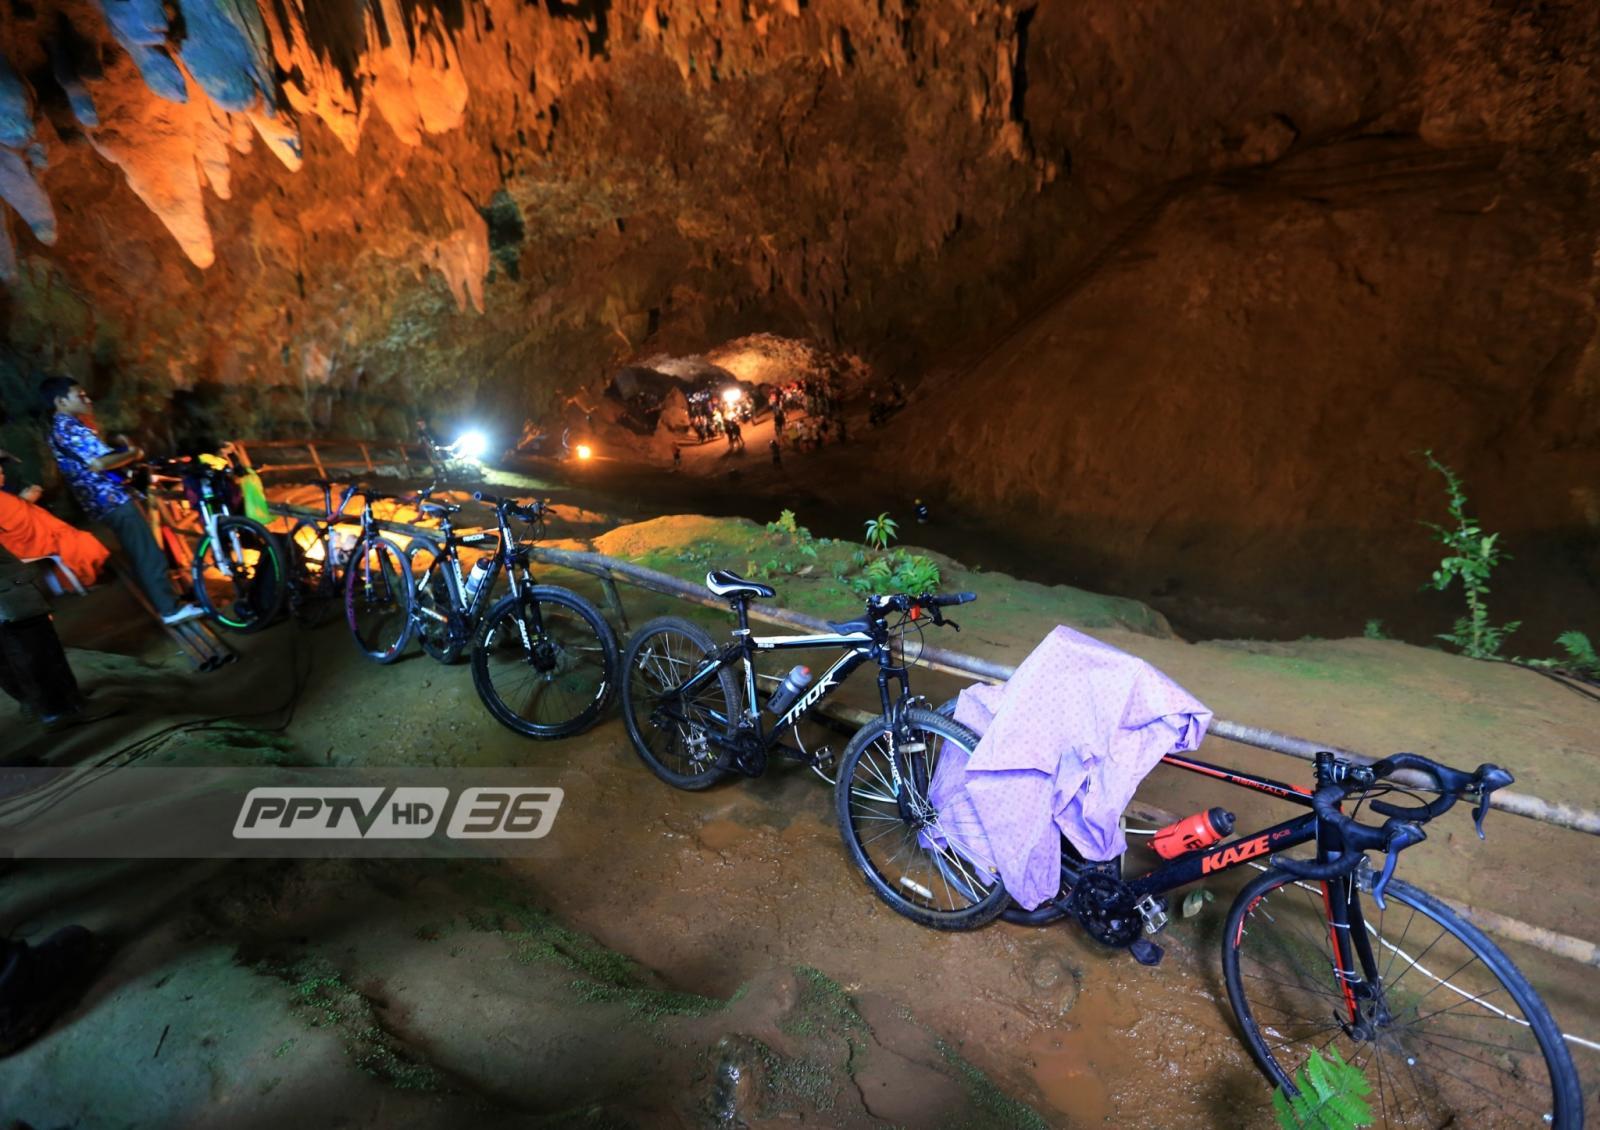 7 วัน กว่า 150 ชั่วโมง ค้นหา 13 ชีวิตติดถ้ำหลวง